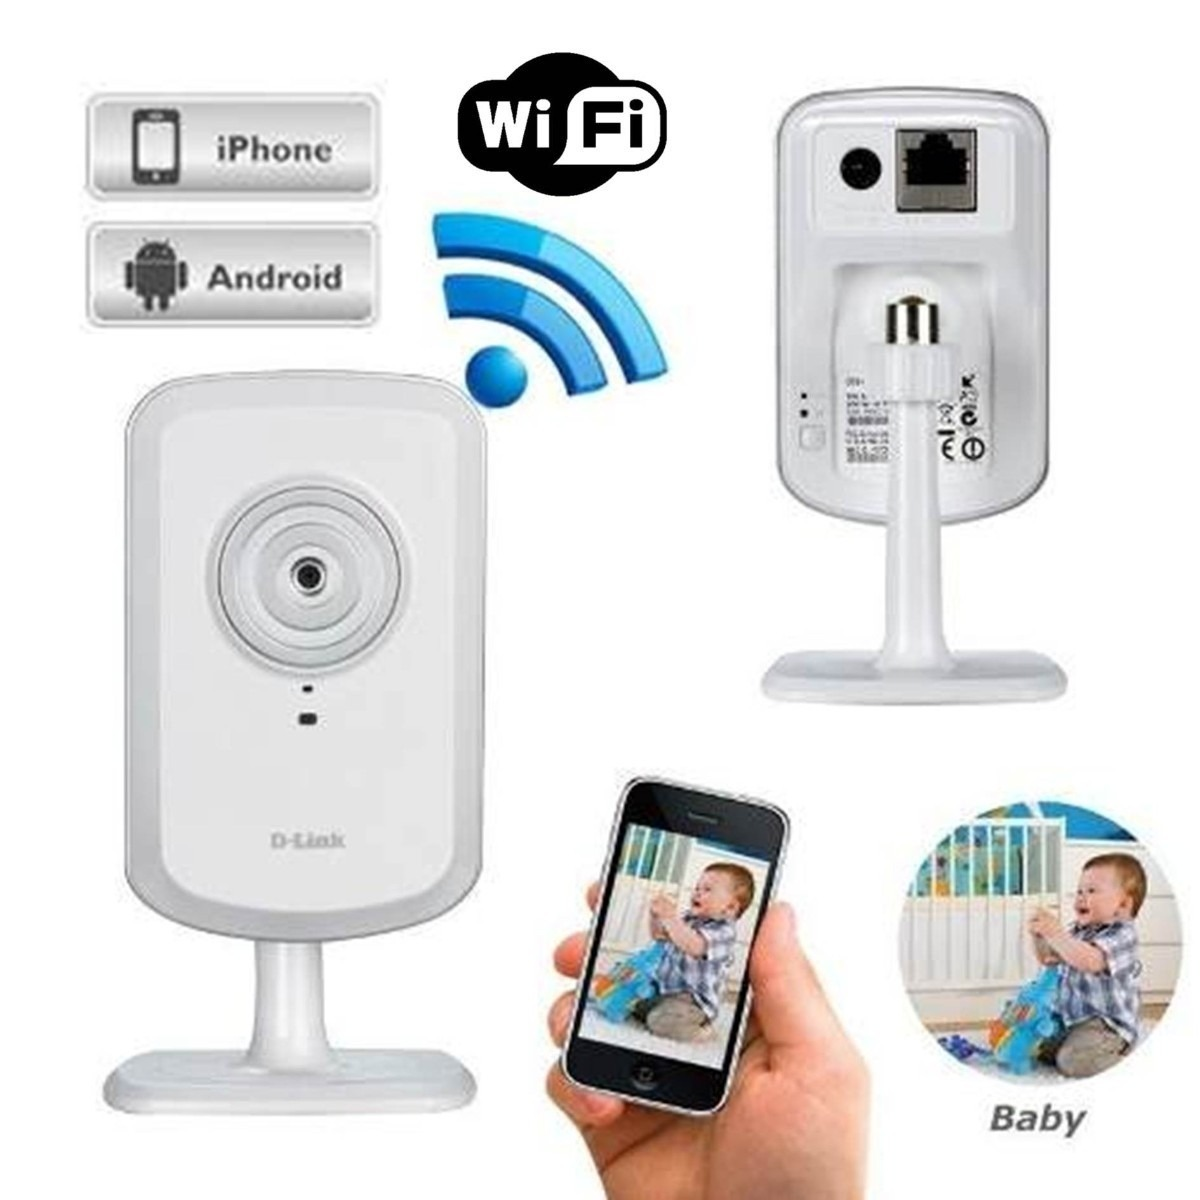 Camara seguridad ip dlink dcs 930l mic wifi rj45 660 - Camara seguridad ip ...